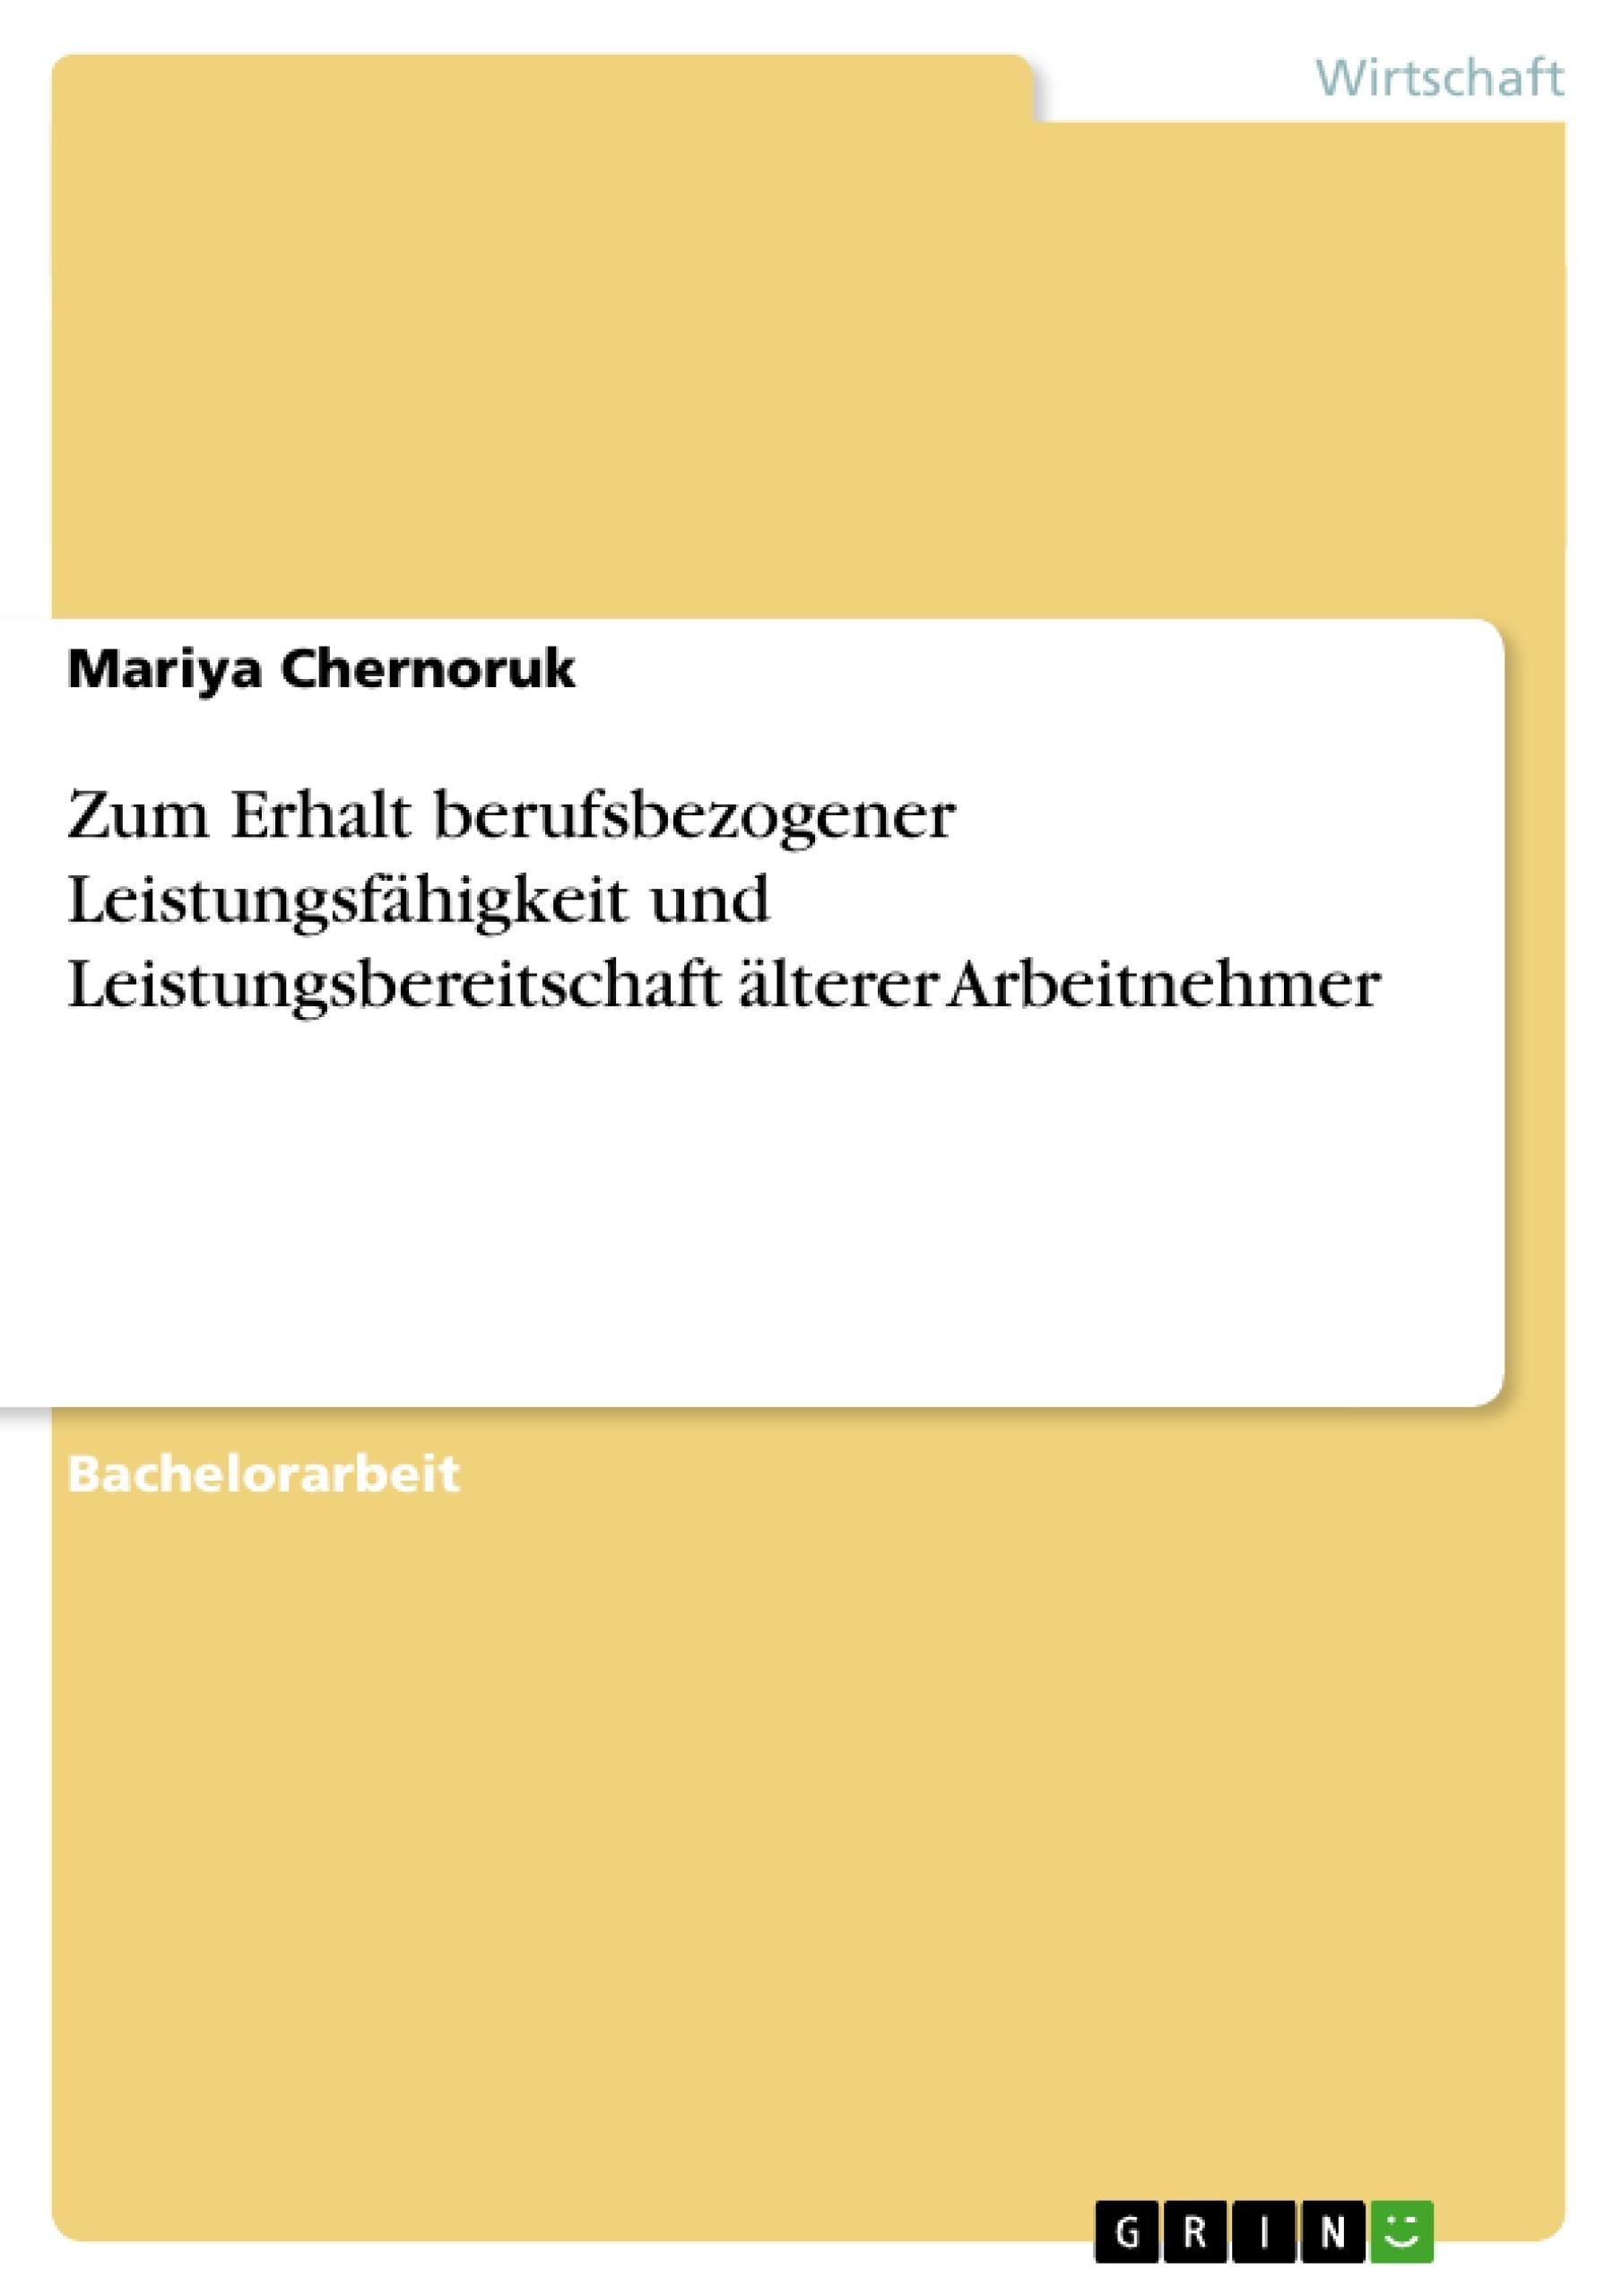 Titel: Zum Erhalt berufsbezogener Leistungsfähigkeit und Leistungsbereitschaft älterer Arbeitnehmer